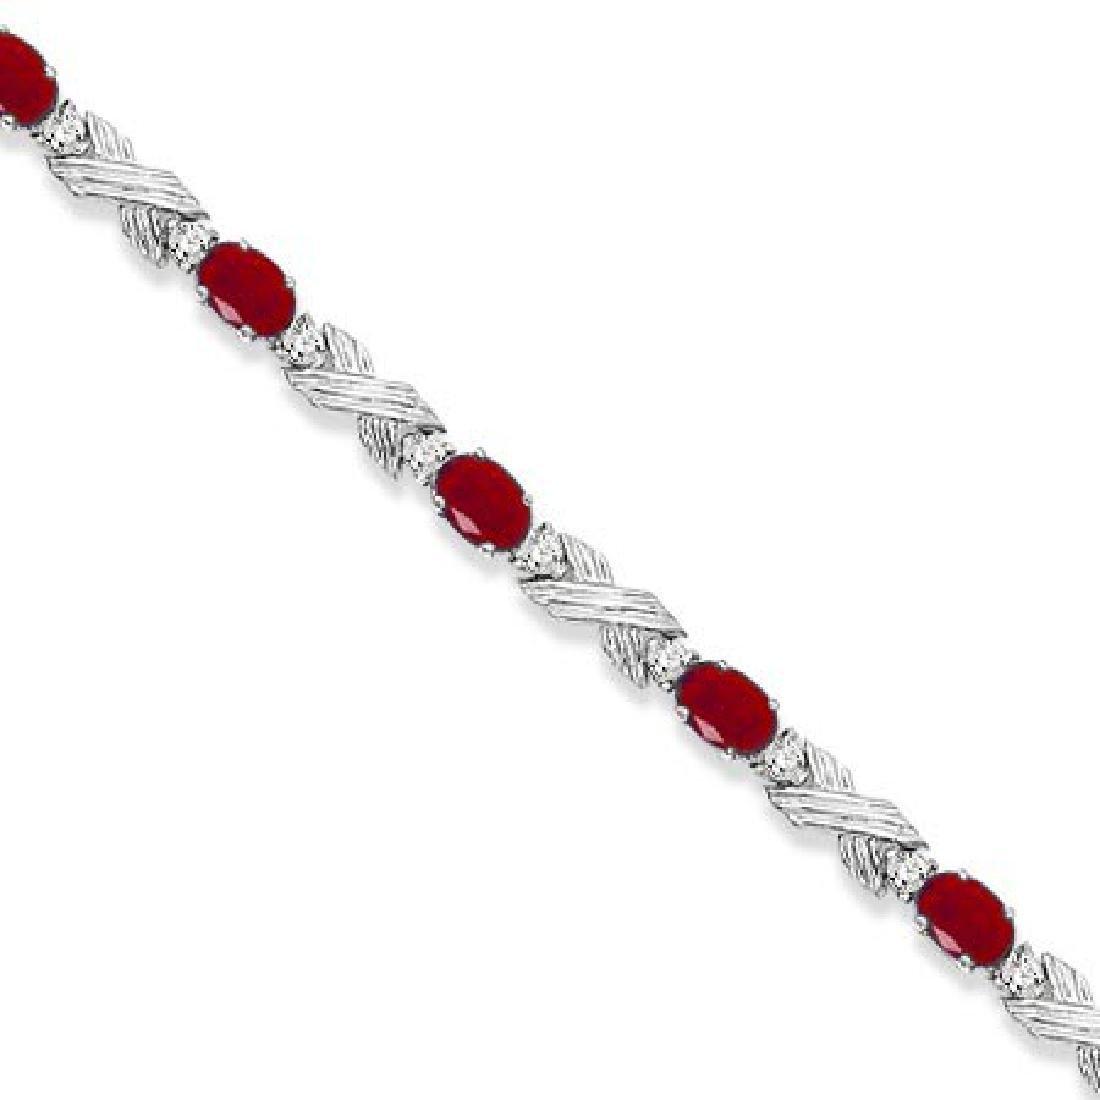 Ruby and Diamond XOXO Link Bracelet in 14k White Gold (